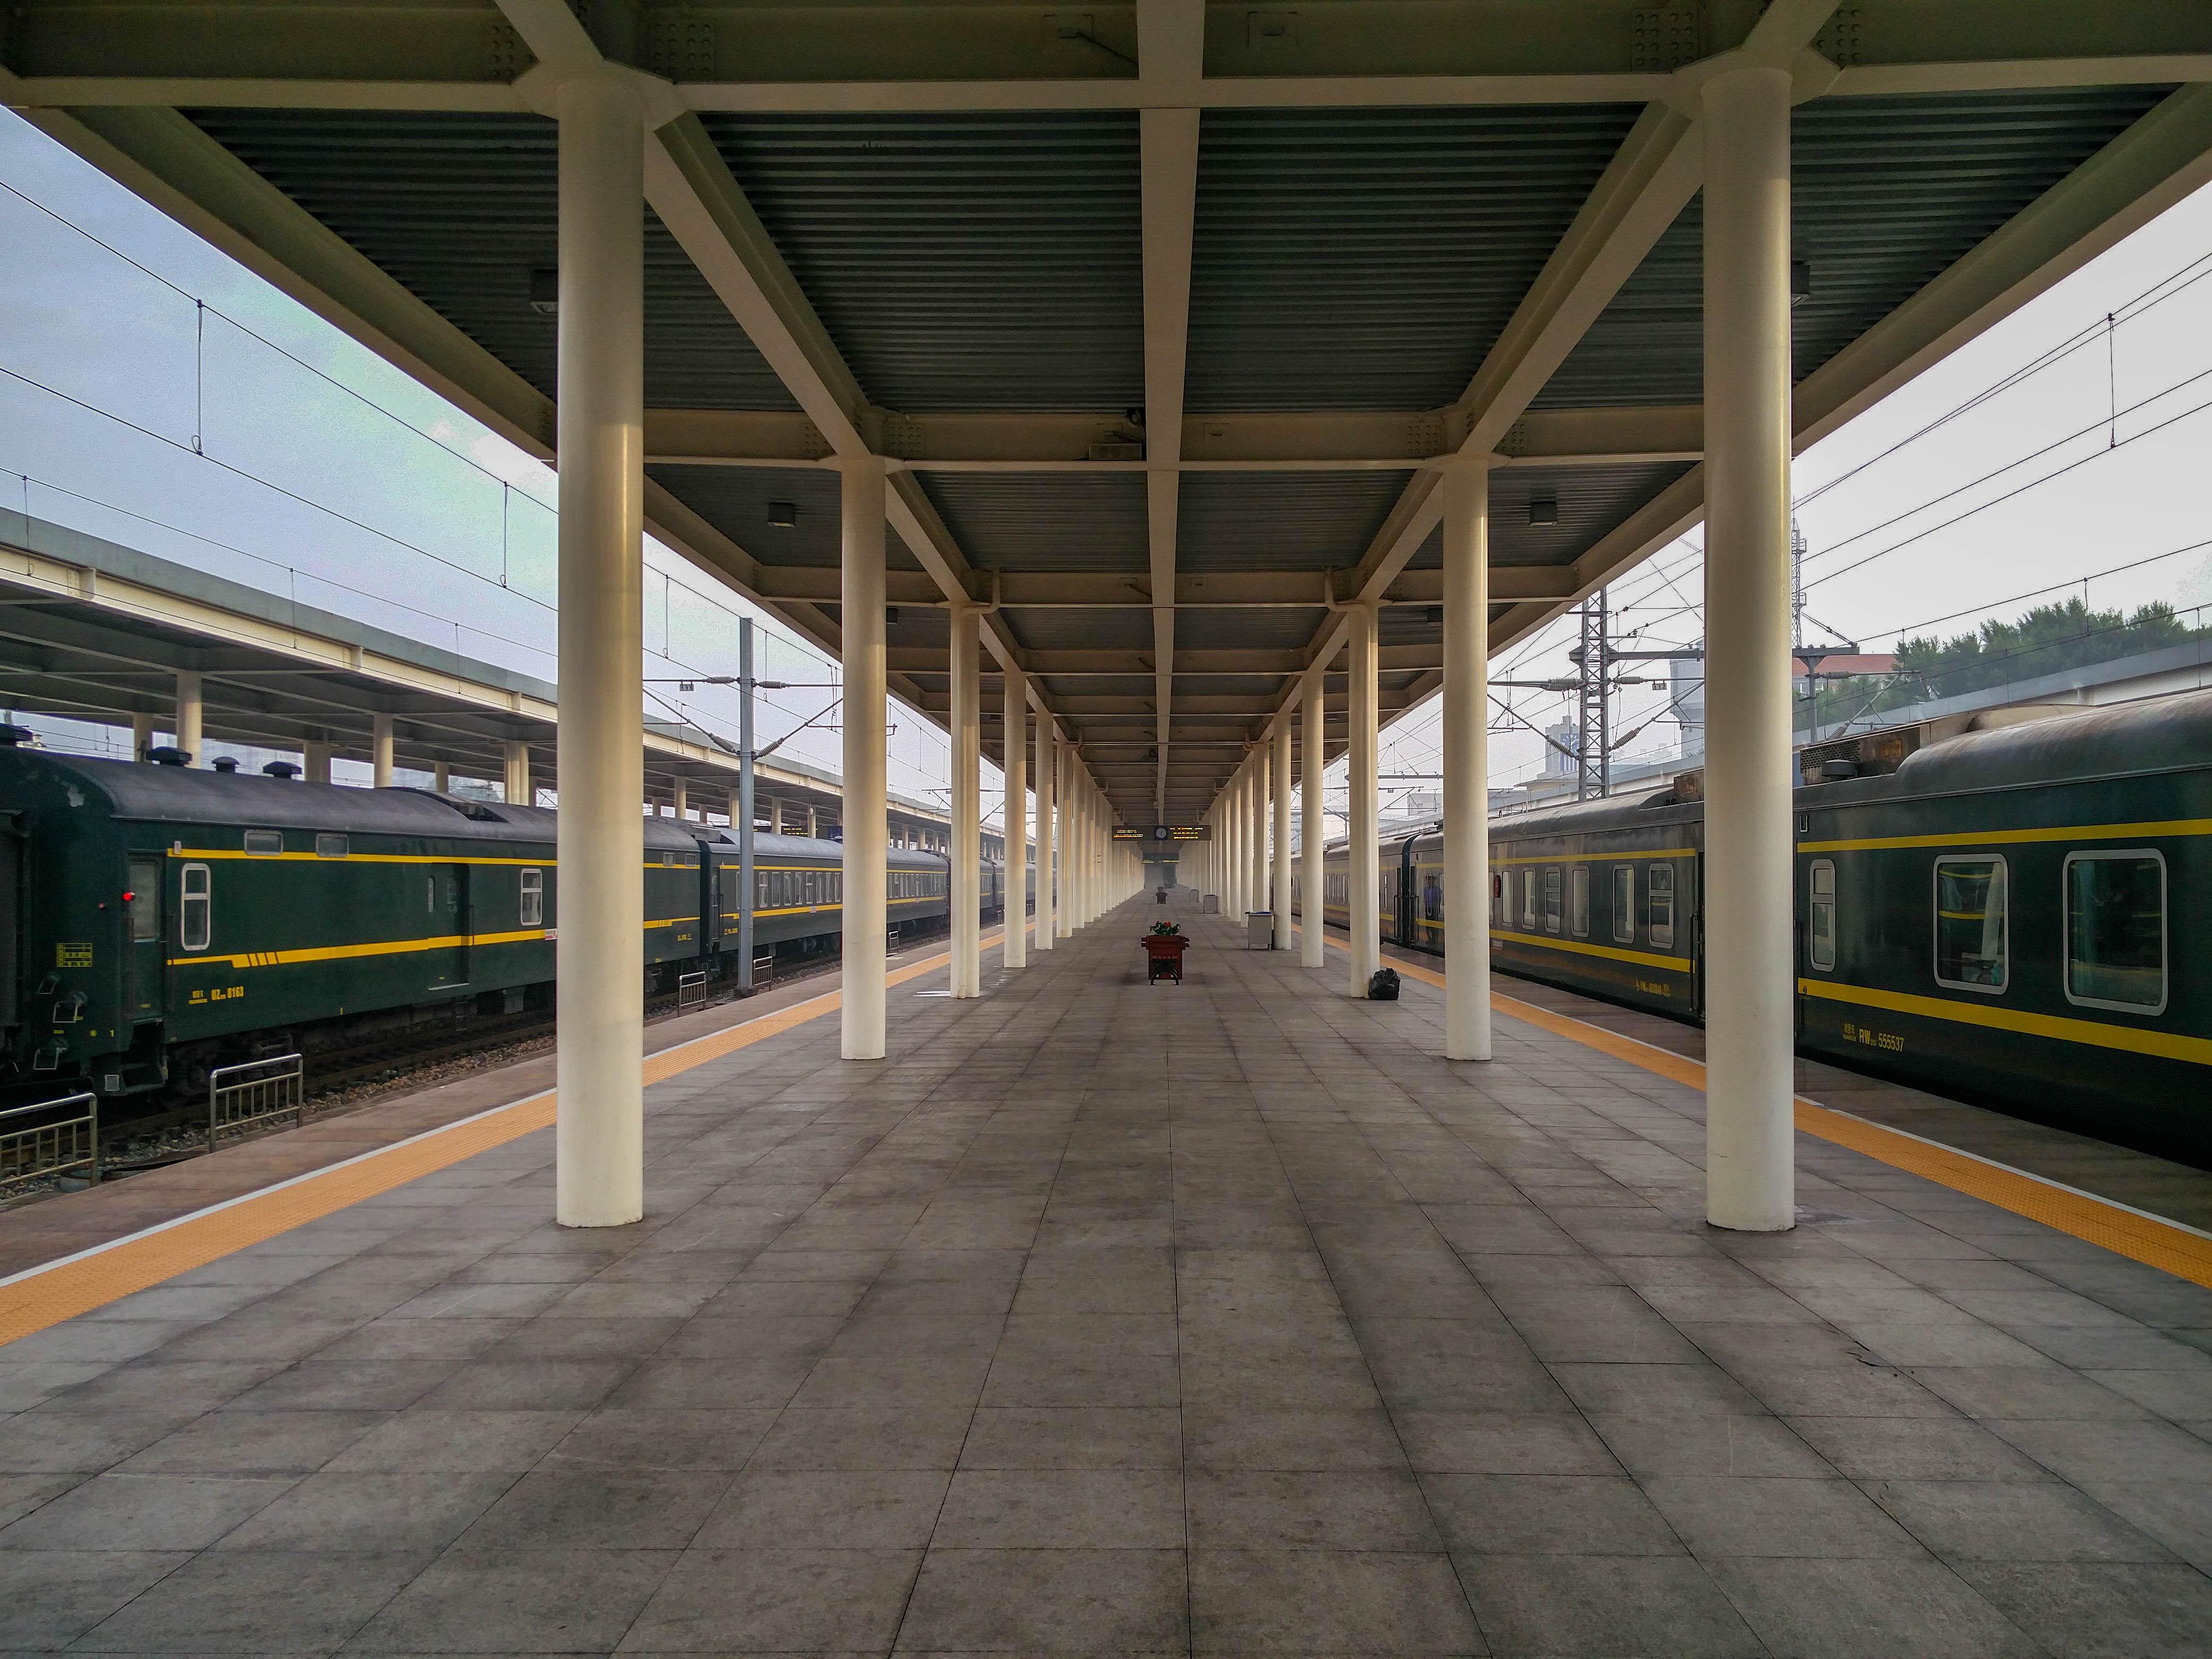 Passage de la frontière chinoise en train